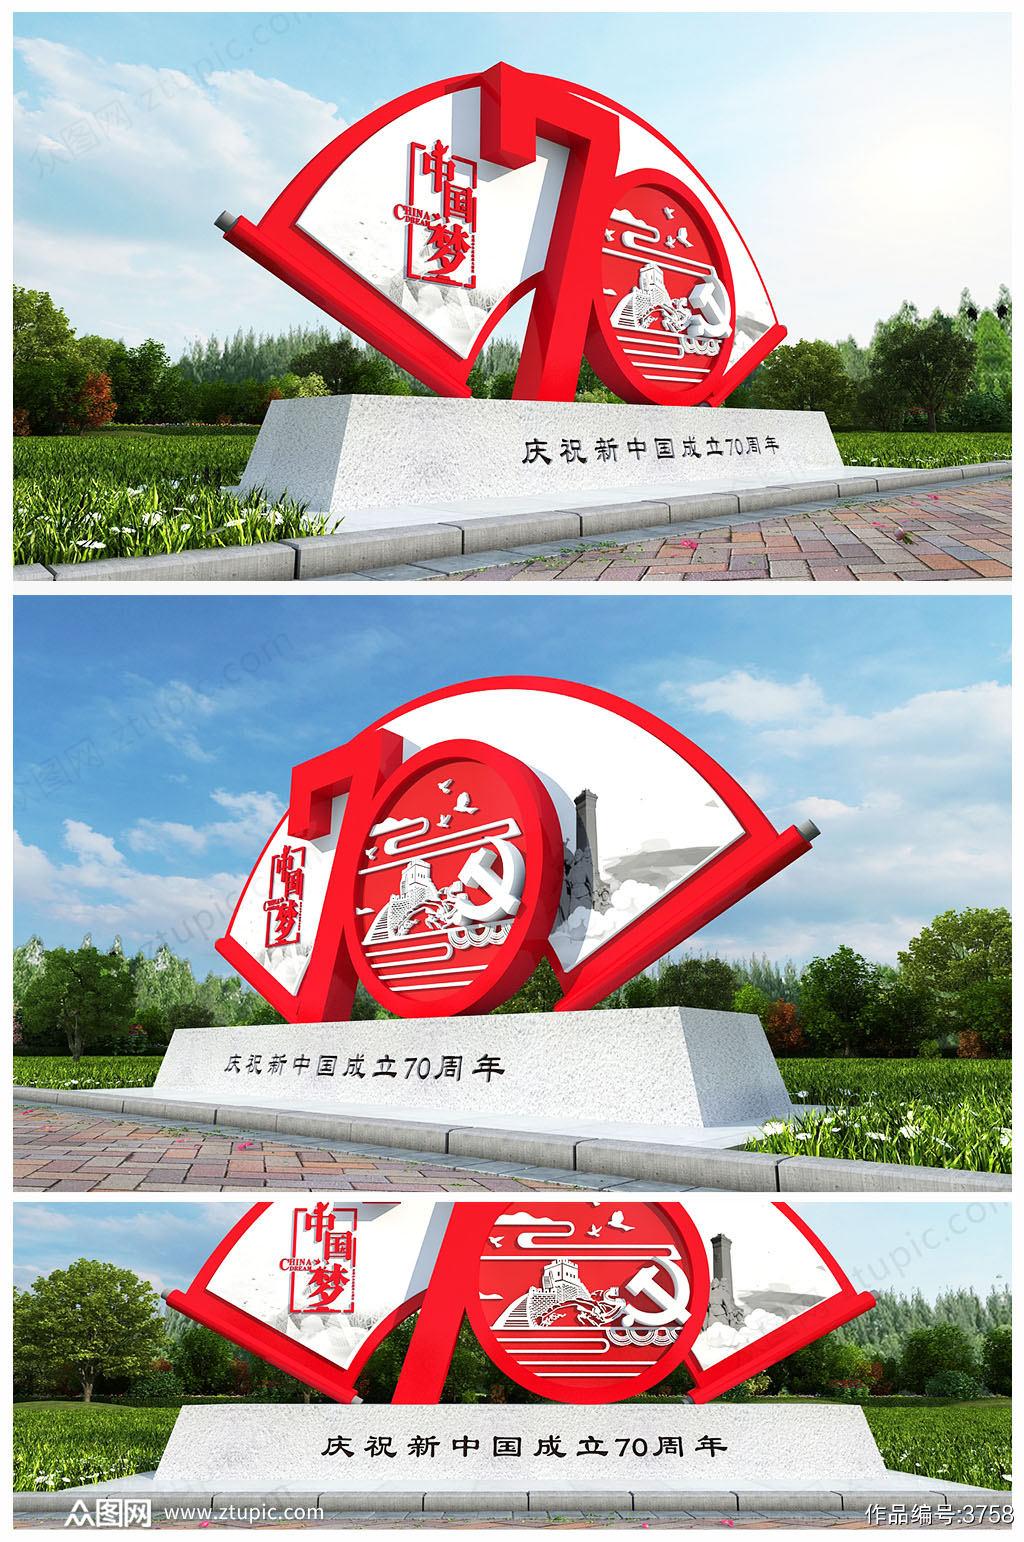 建国70周年纪念雕塑党建景观素材